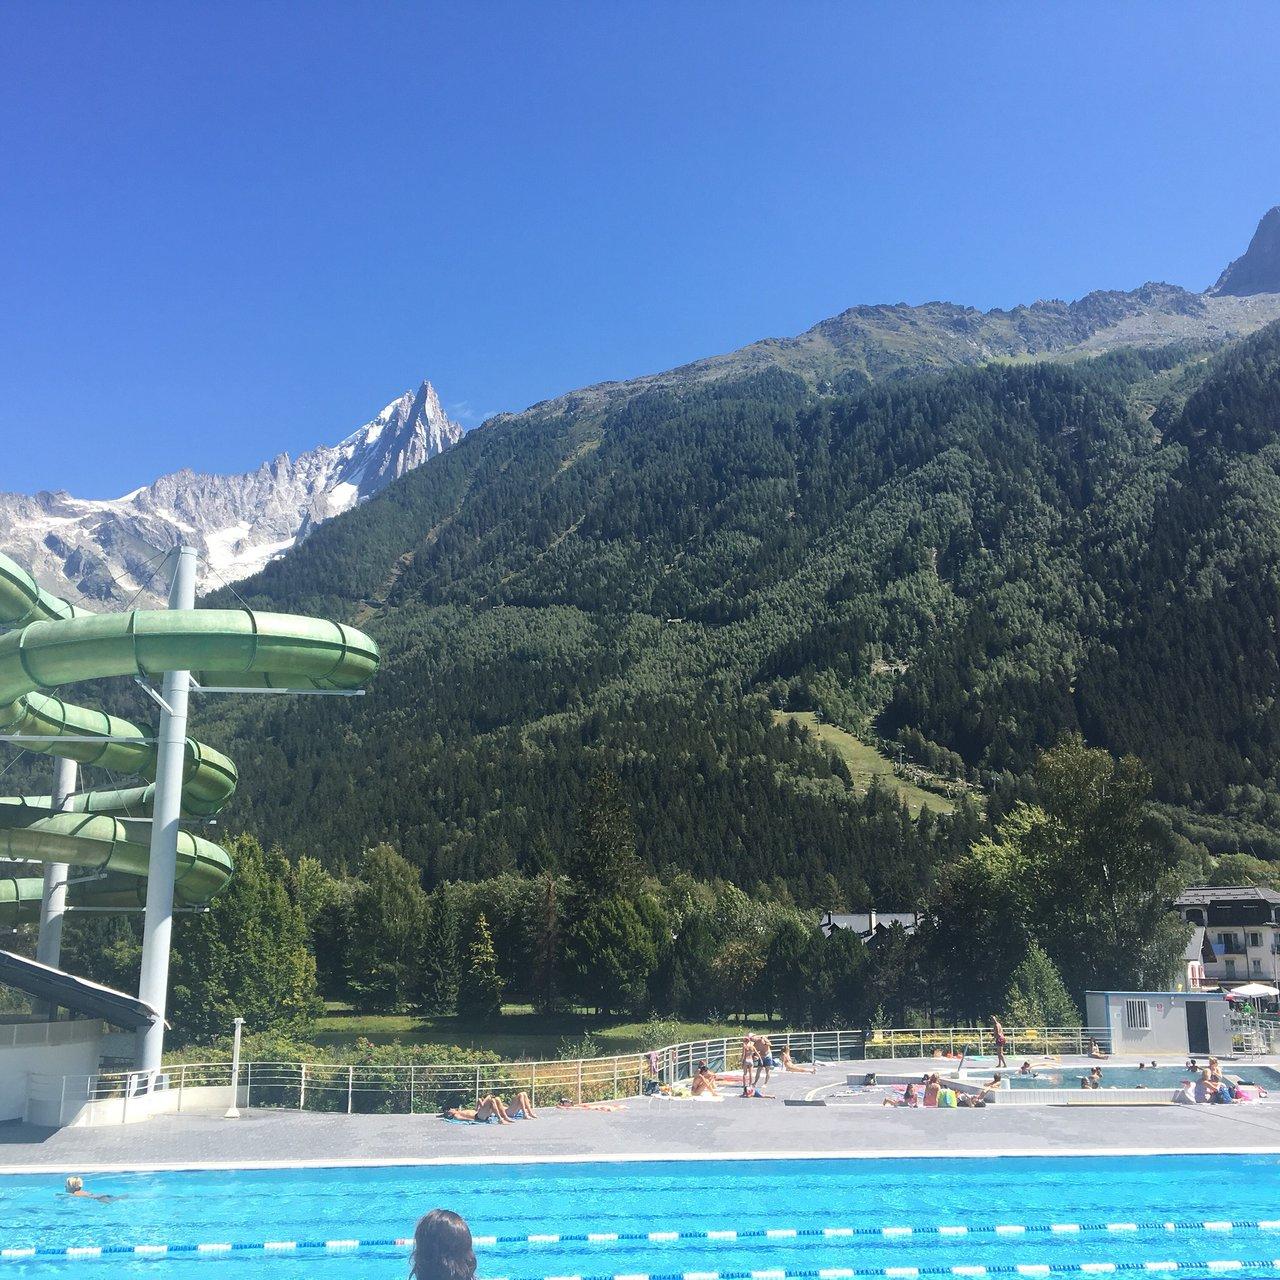 Piscine Et Centre Sportif Richard-Bozon (Chamonix) - 2020 ... destiné Piscine De Chamonix